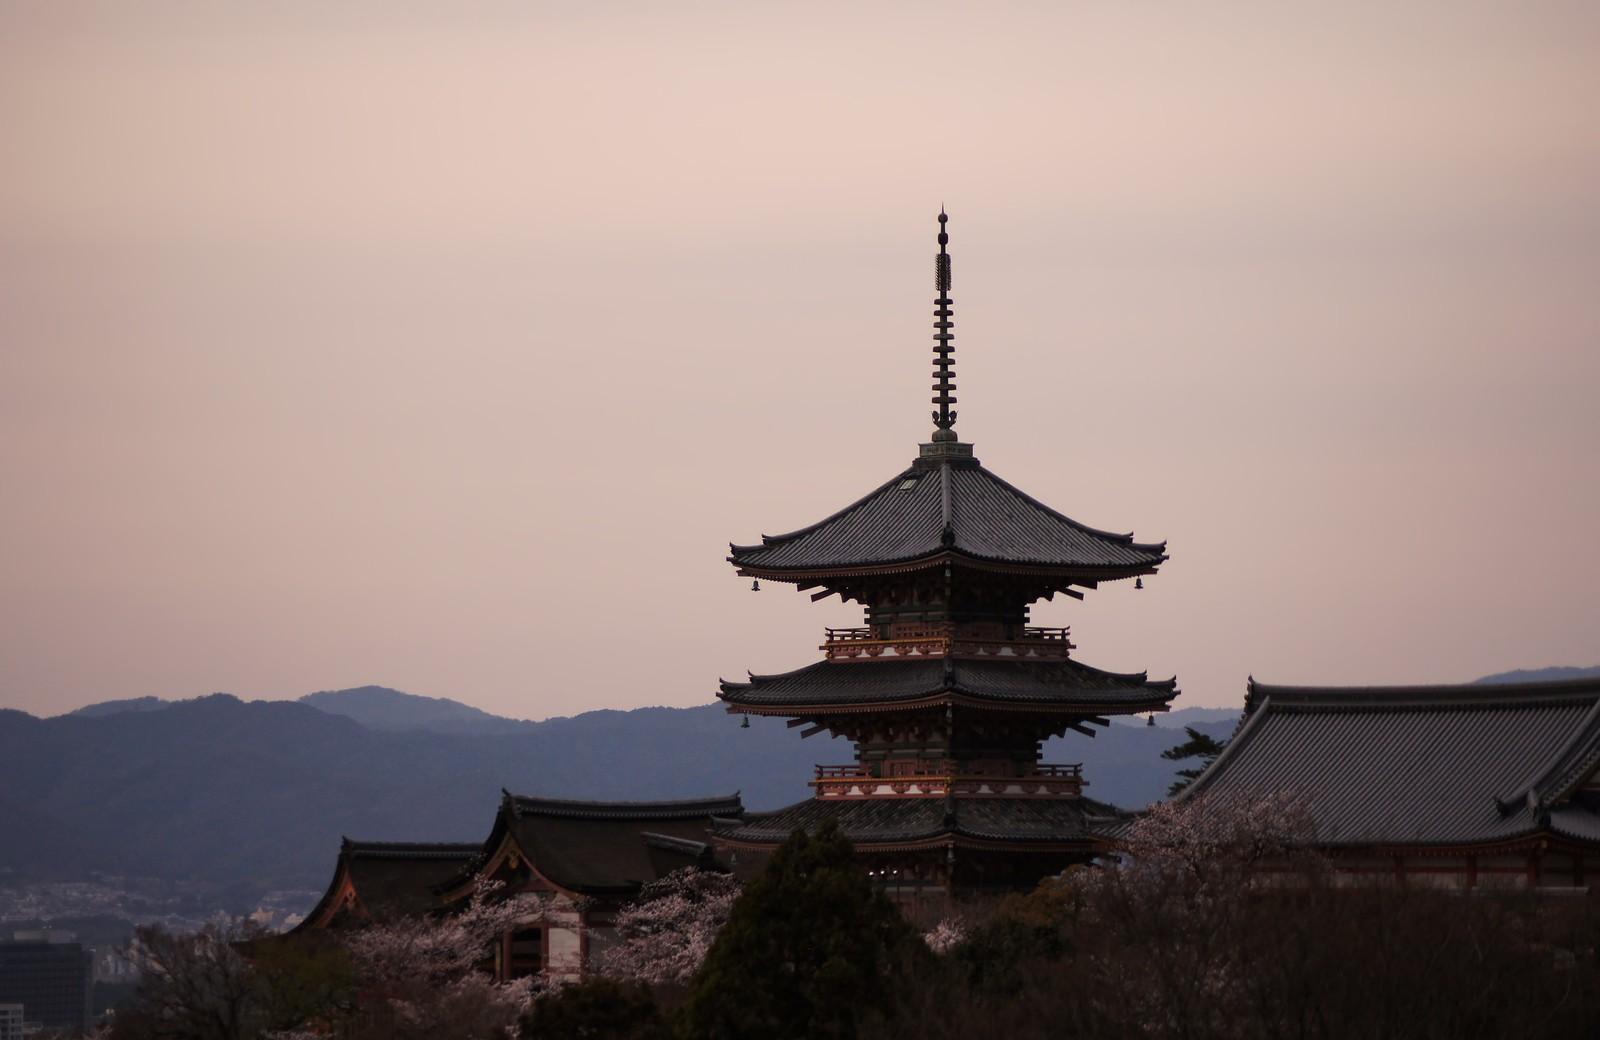 京都・南禅寺の御朱印をいただける場所・受付時間は?虎の御朱印帳も人気!